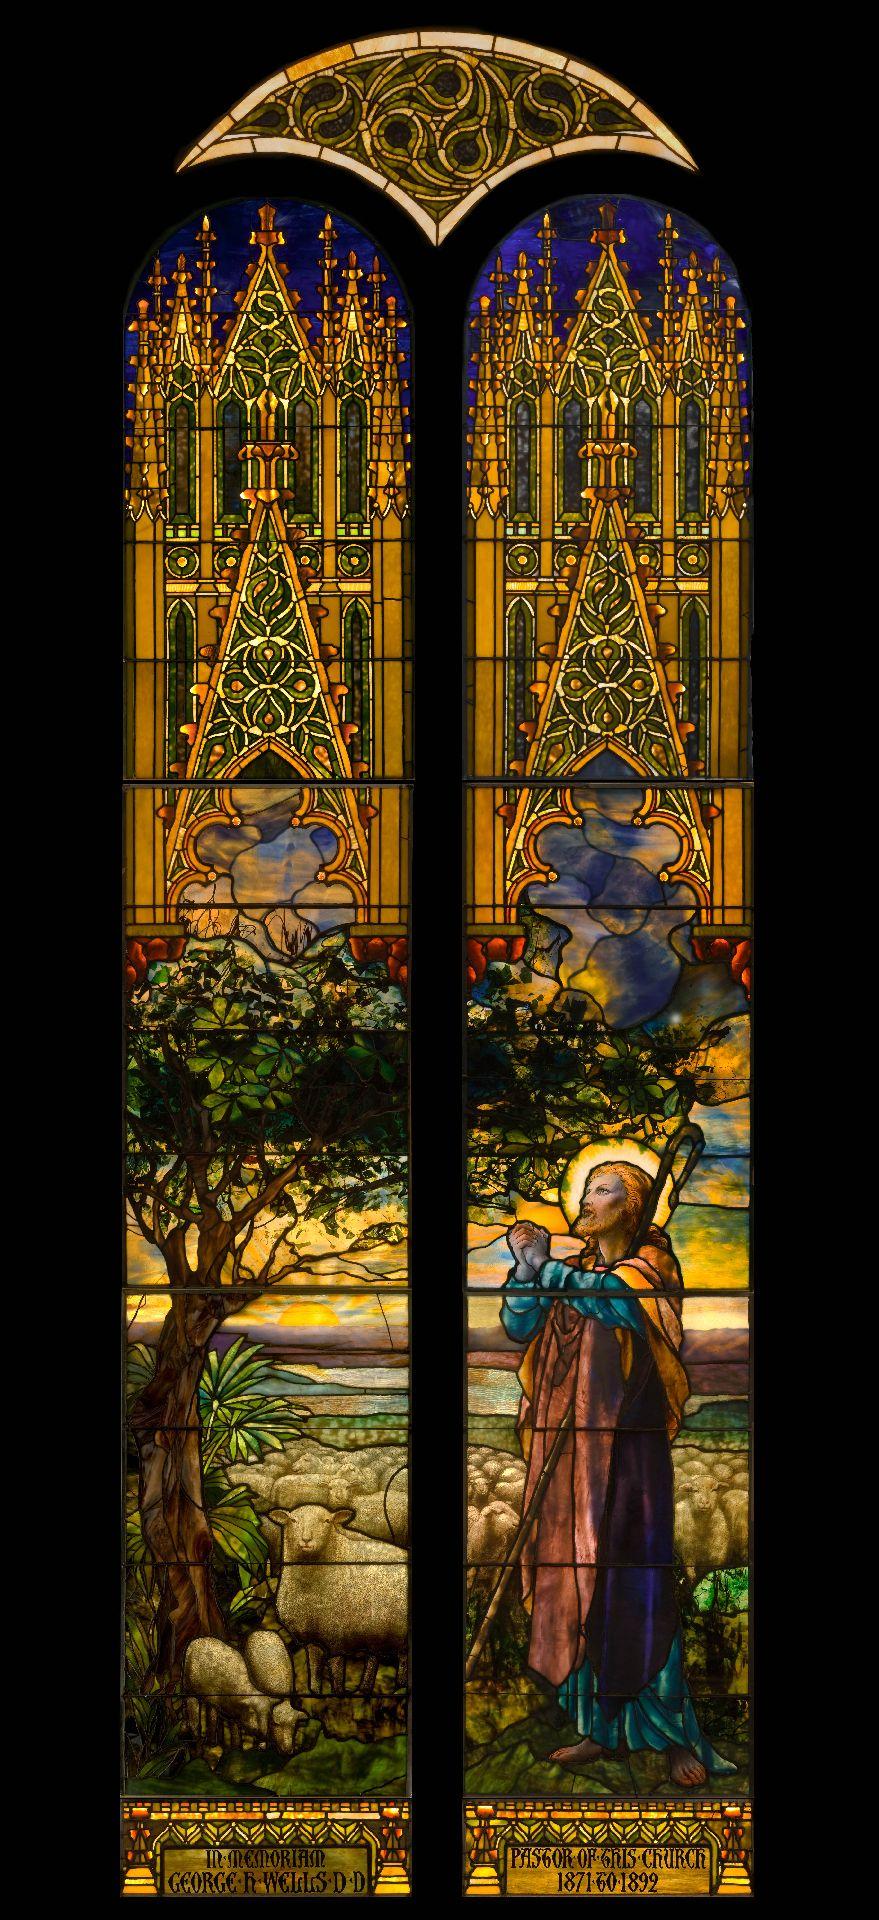 Le Bon Berger, 1897. Dessiné par Frederick Wilson. Vitrail réalisé par la Tiffany Glass and Decorating Company, New York.